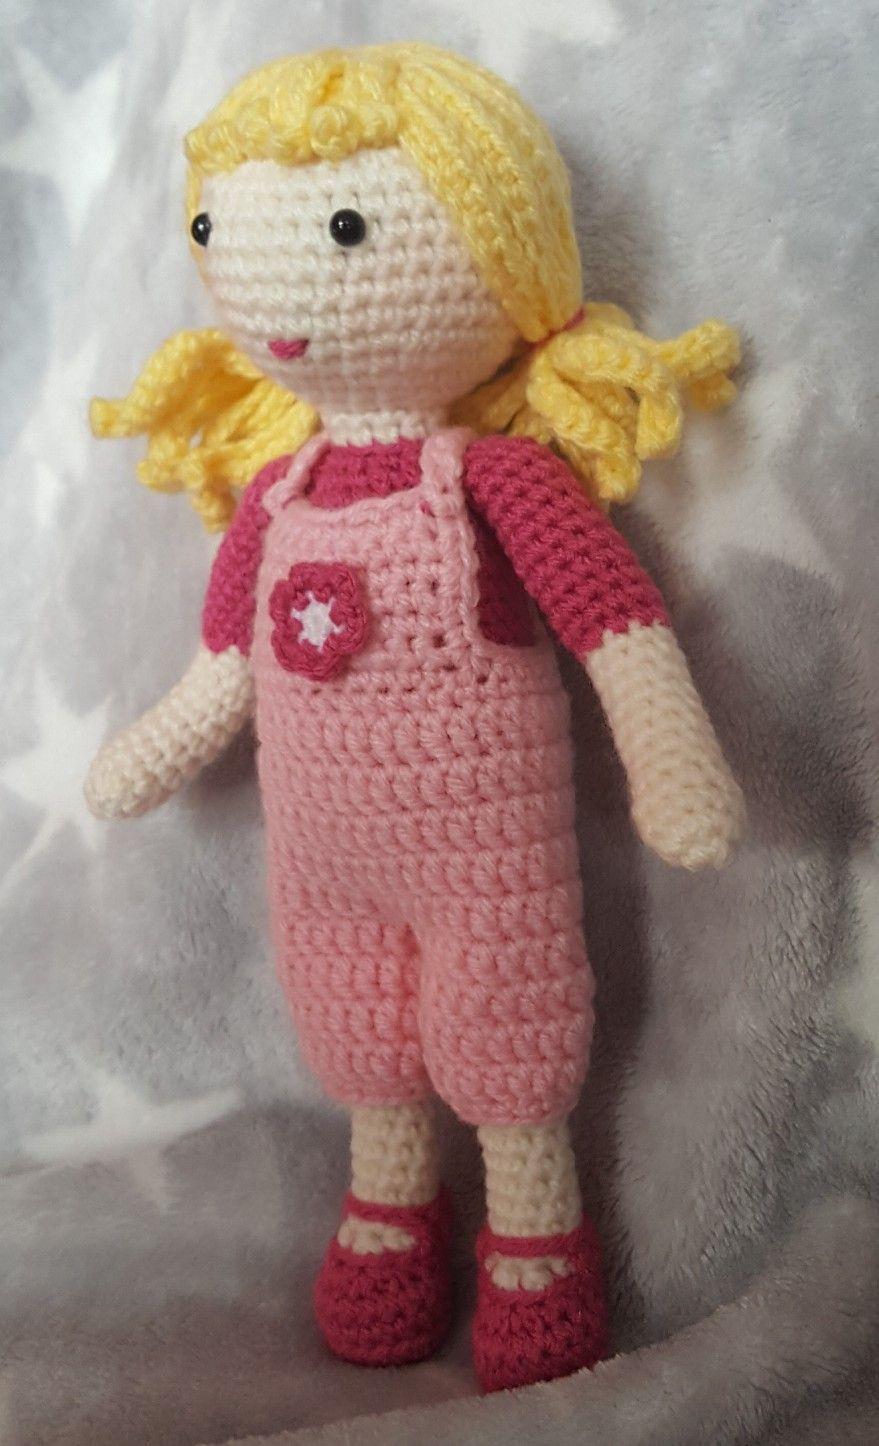 Puppe Gehäkelt Häkeln Spielzeug Mädchen Lalylala Amigurumi Kauf Mich